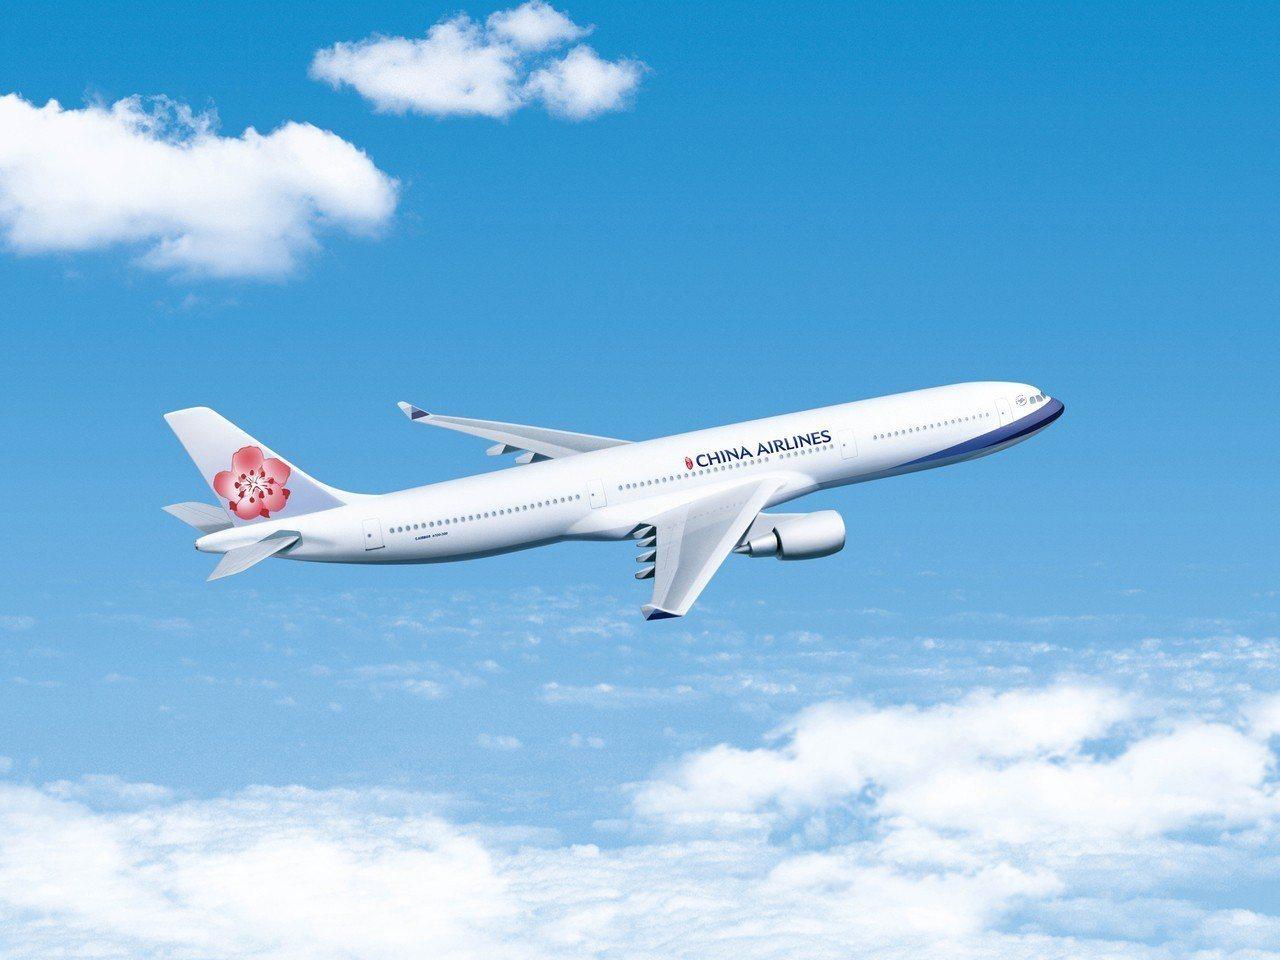 中華航空今天下午從札幌的新千歲機場臨時增開3架班機,為此華航特別從台灣載了飛機餐、更多的飲料及每機有20箱的泡麵,盡量讓每位旅客能夠吃飽。(圖/華航提供)